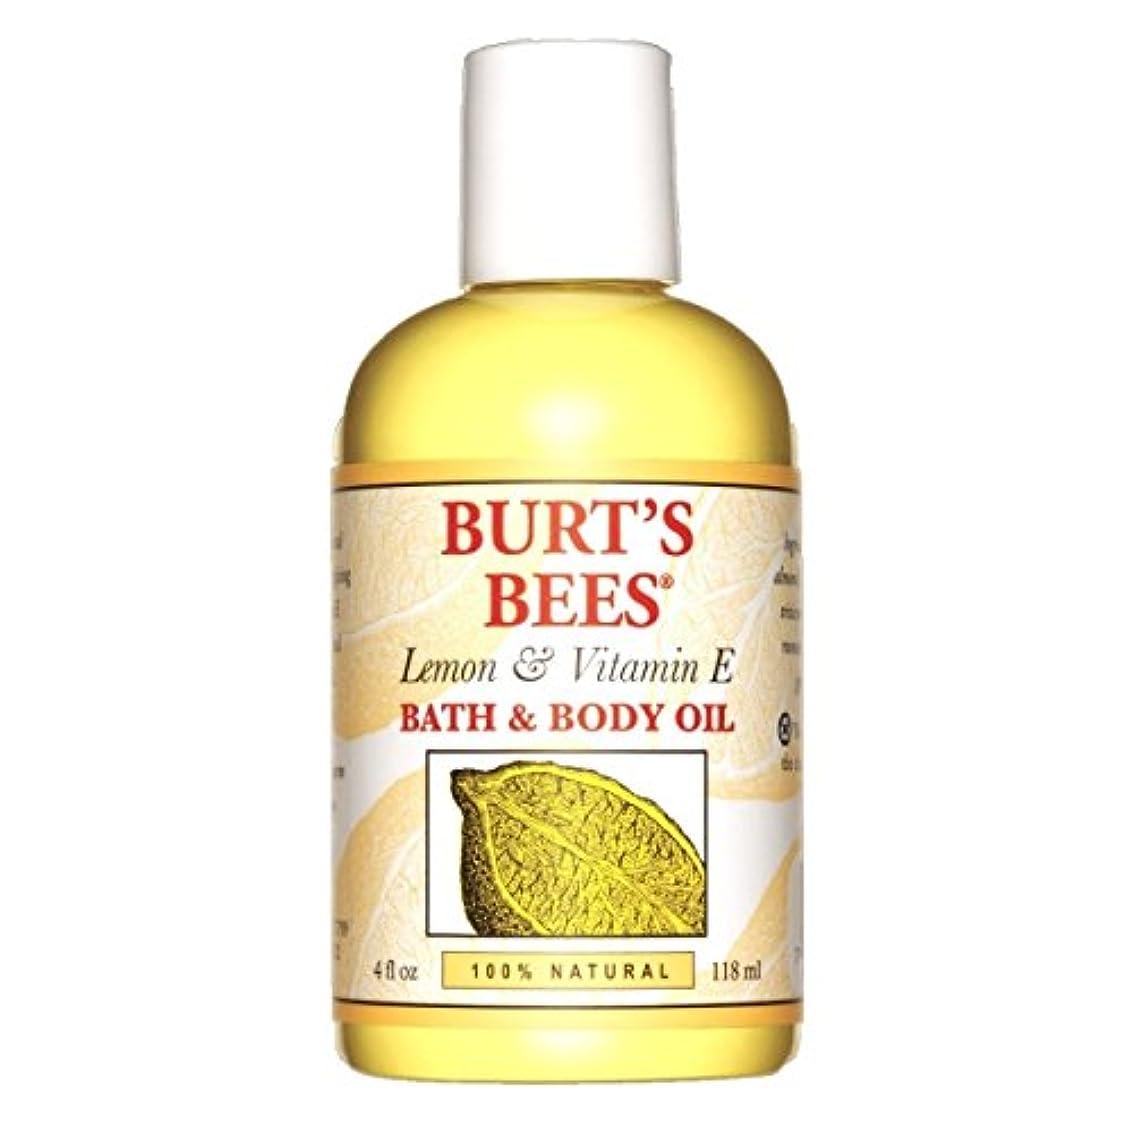 十記念碑本物バーツビーズ(Burt's Bees) レモン&ビタミンE バスアンドボディオイル 118ml [海外直送品][並行輸入品]